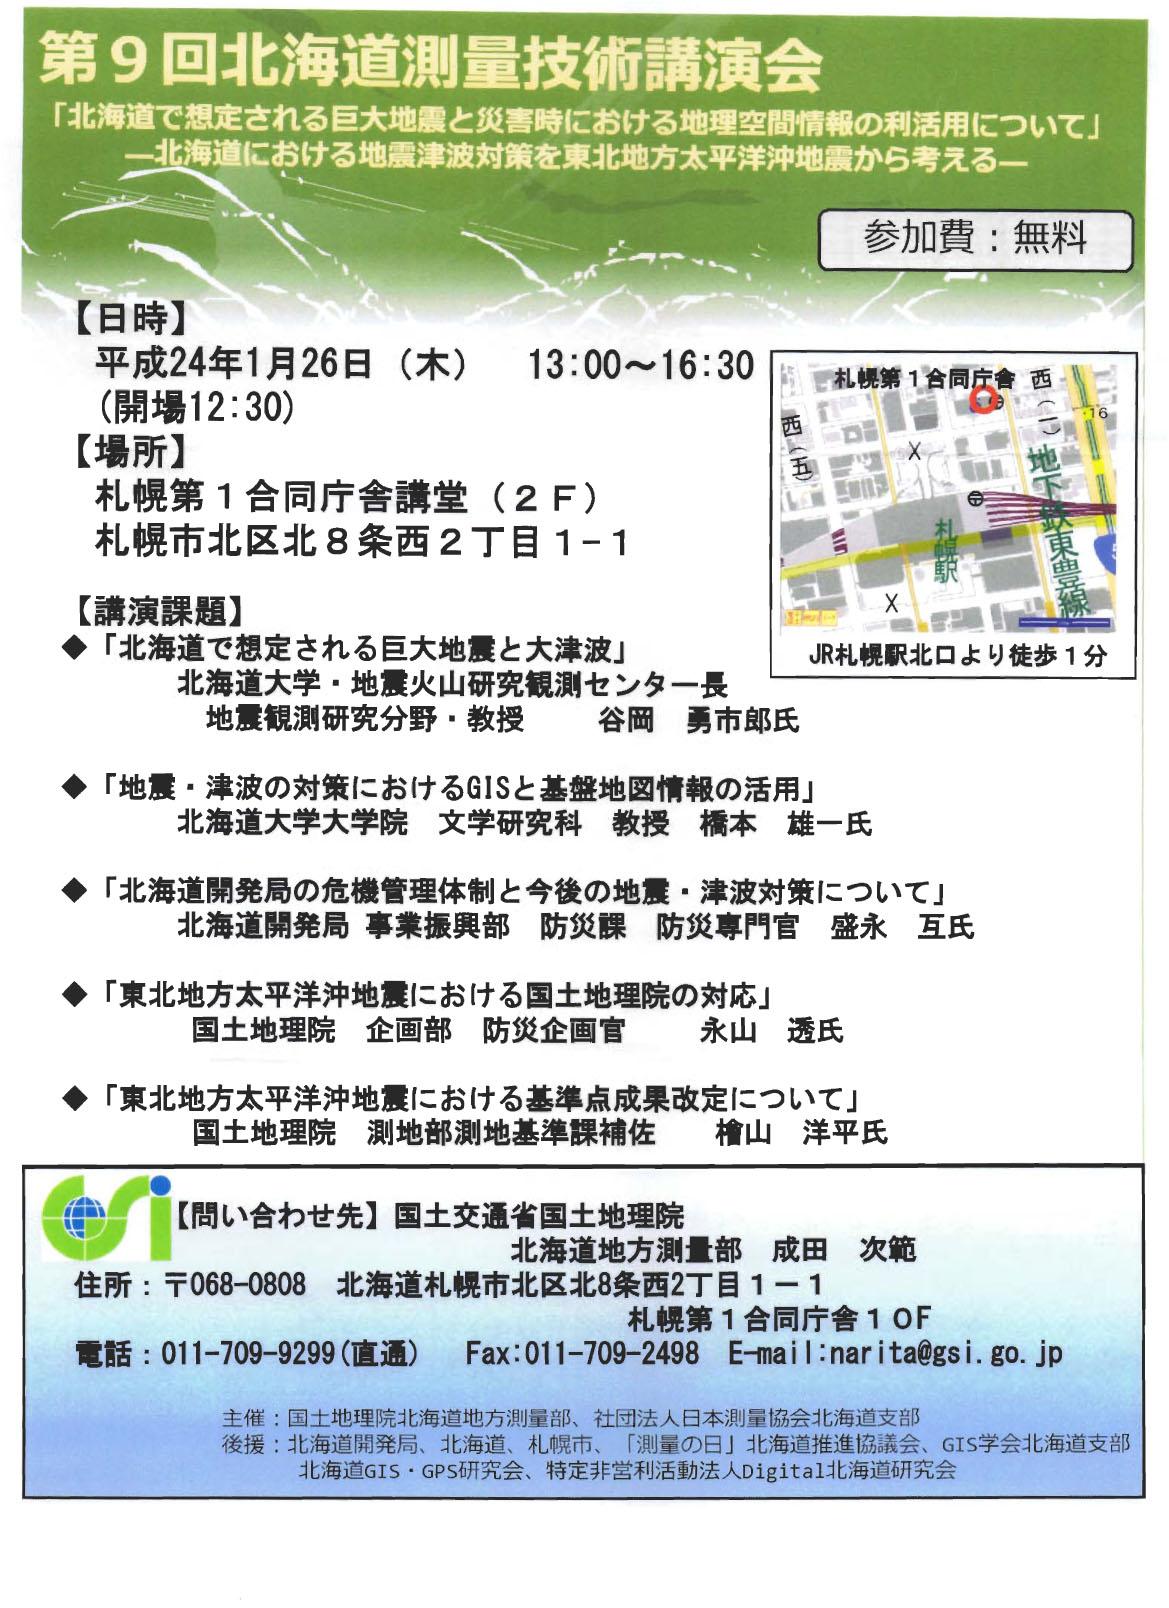 第9回北海道測量技術講演会